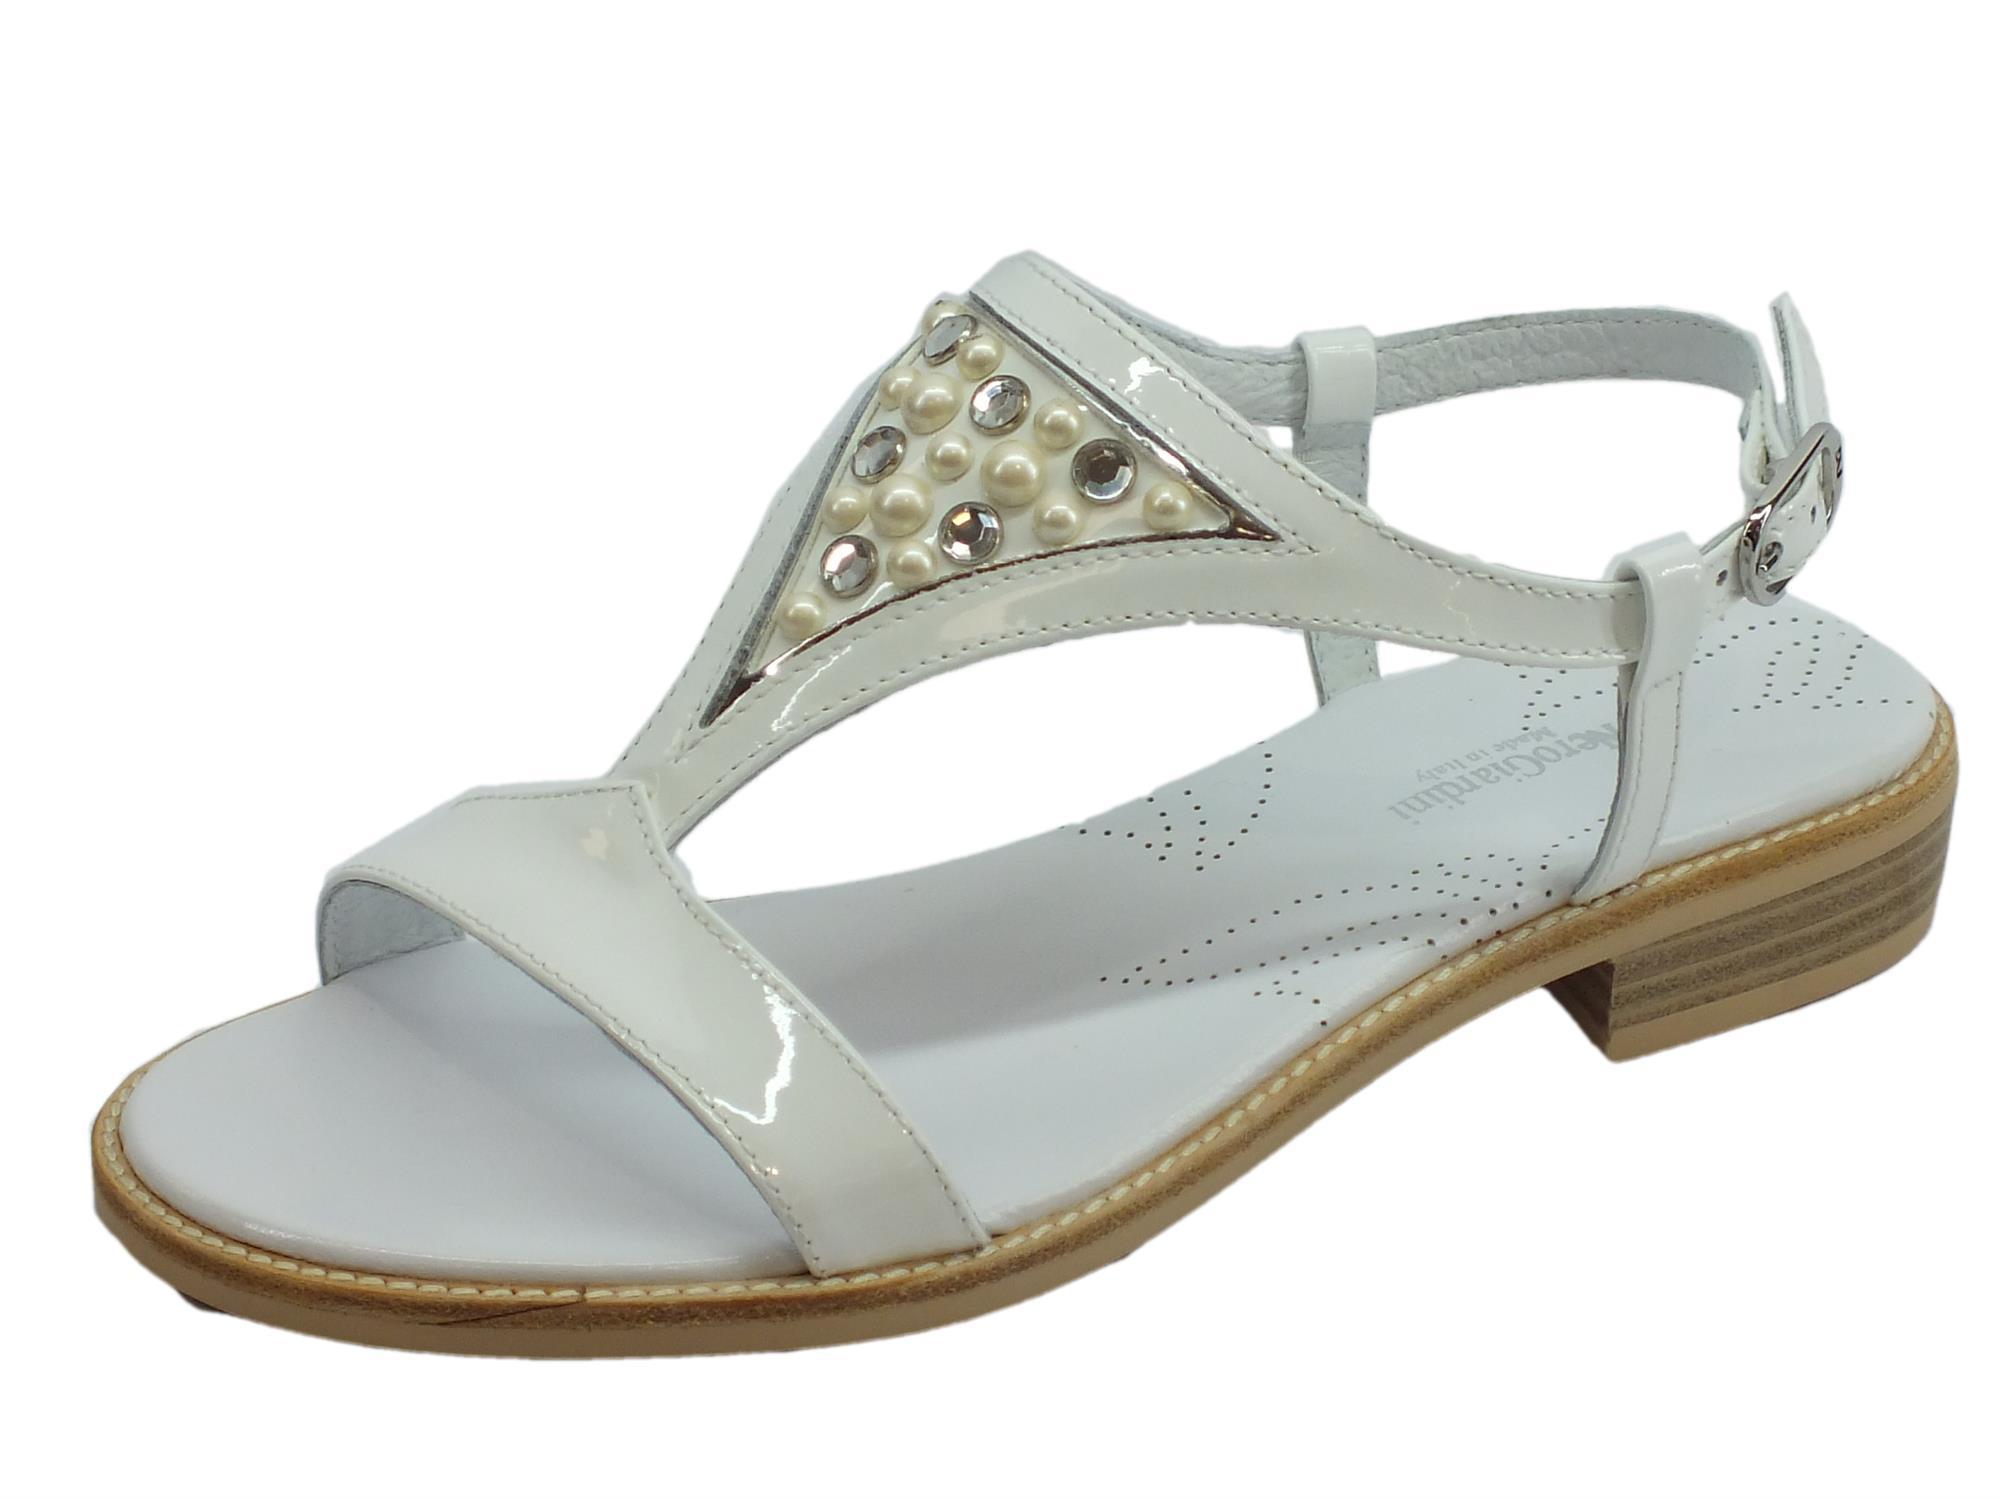 Sandali donna NeroGiardini in vernice bianca con tacco basso 2285bd94256